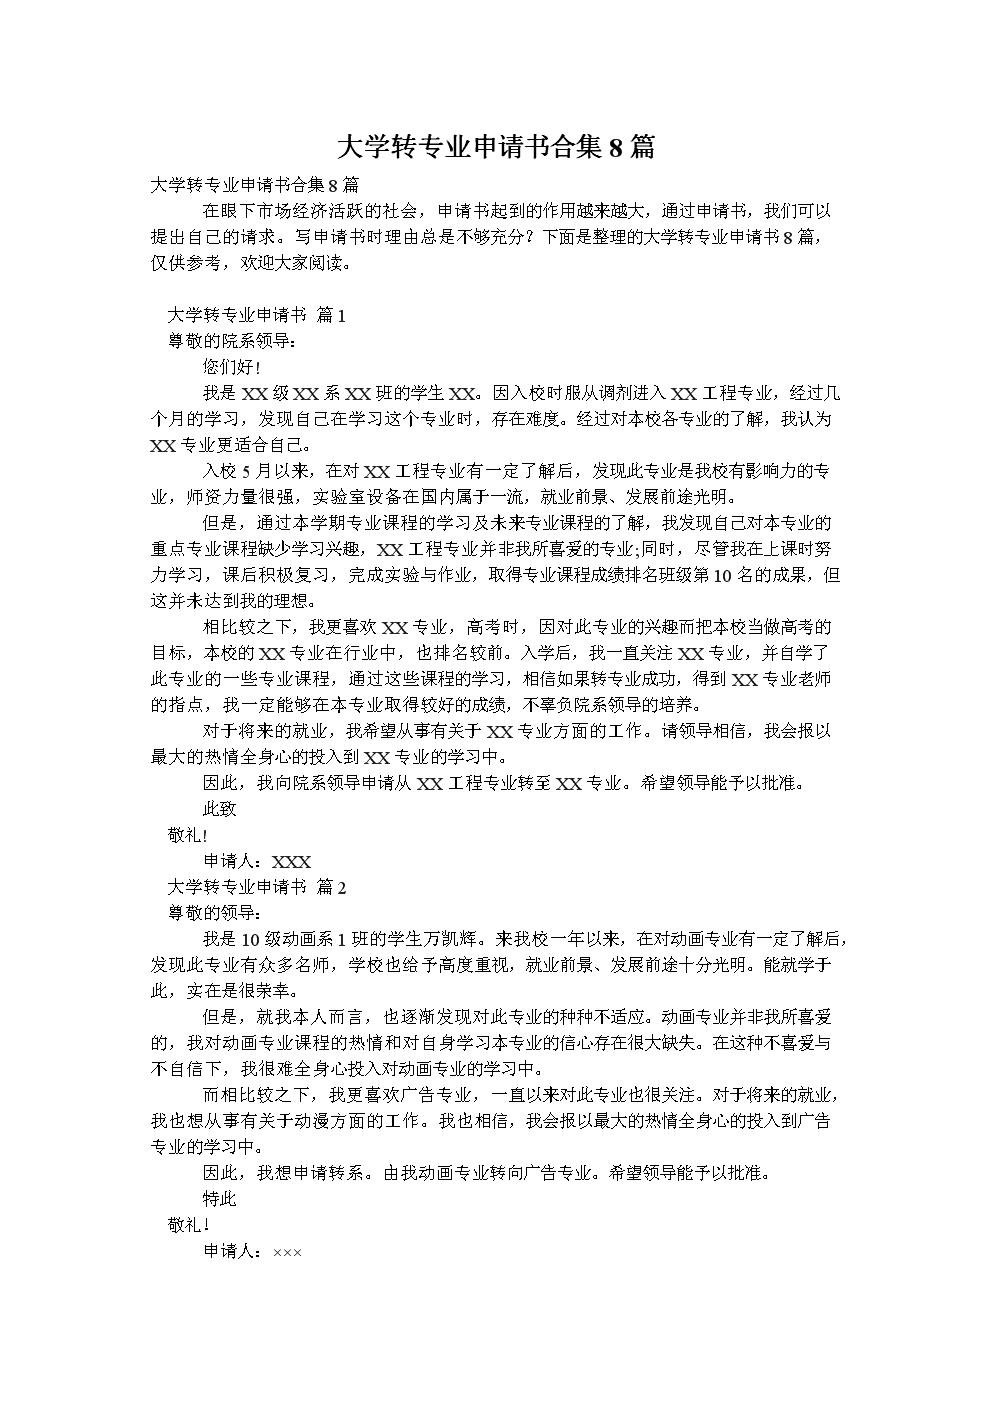 大学转专业申请书合集8篇.doc